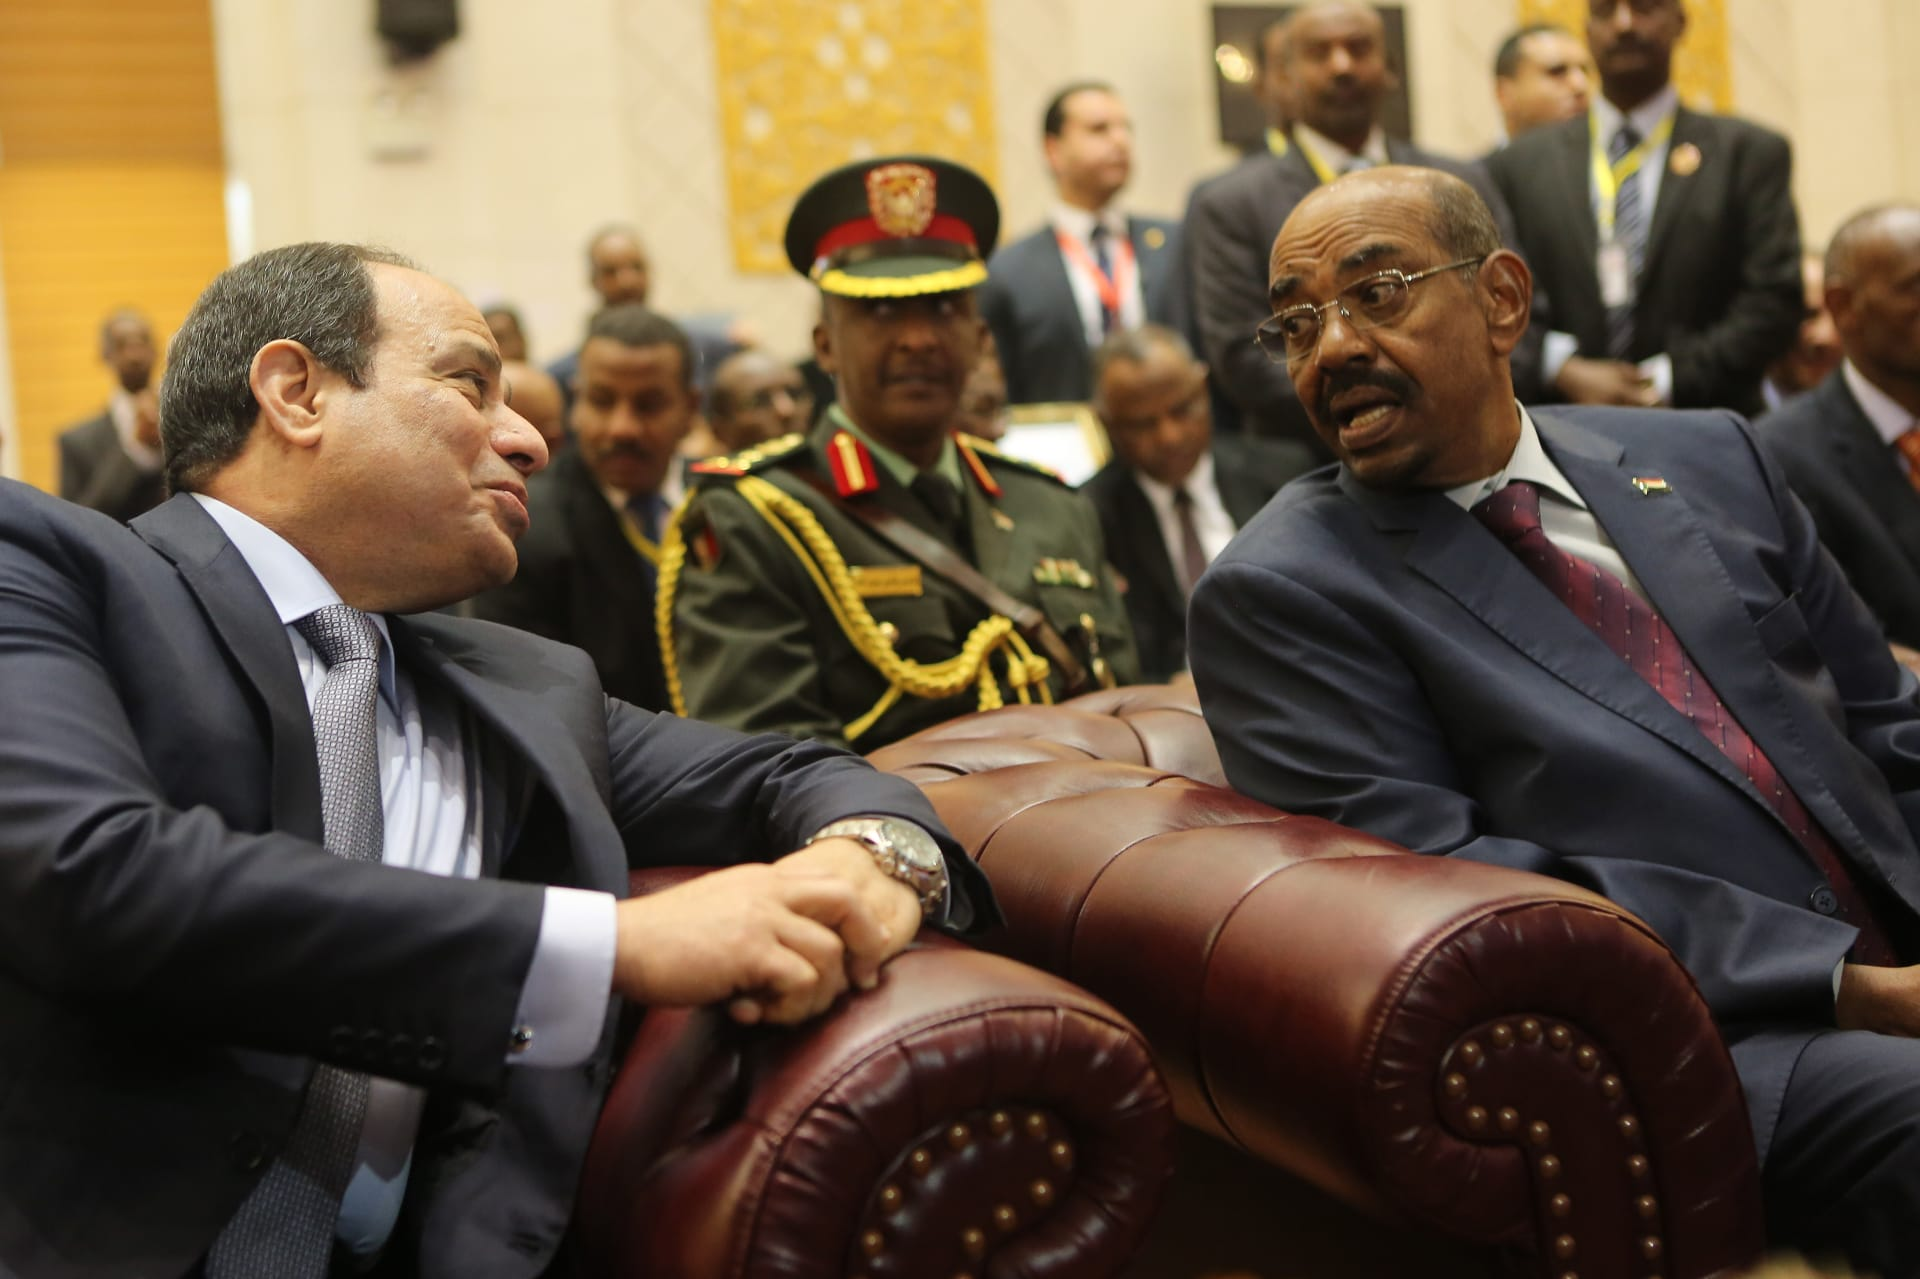 وزارة الخارجية السودانية تستدعي السفير المصري للاحتجاج